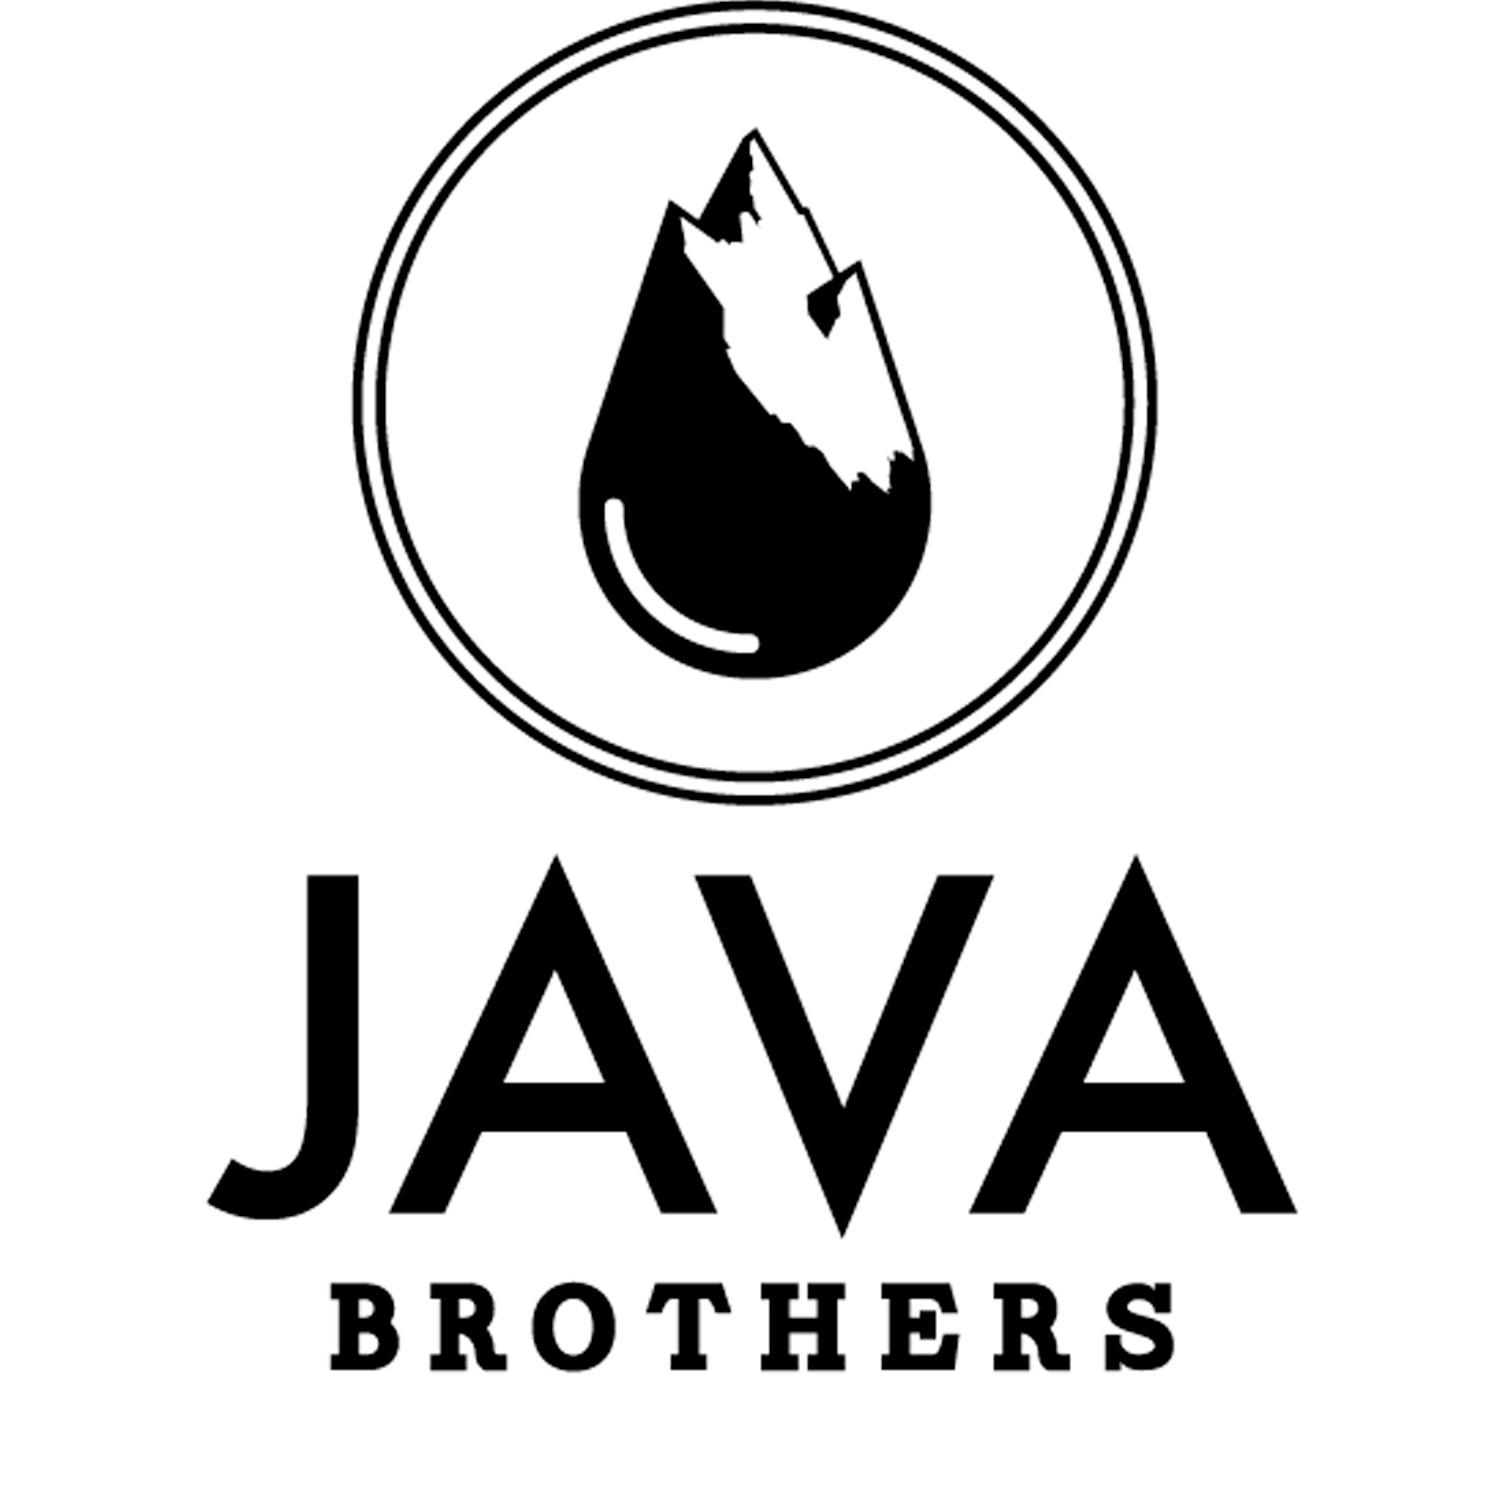 Java Brothers KANSAS CITY COFFEE ROASTER